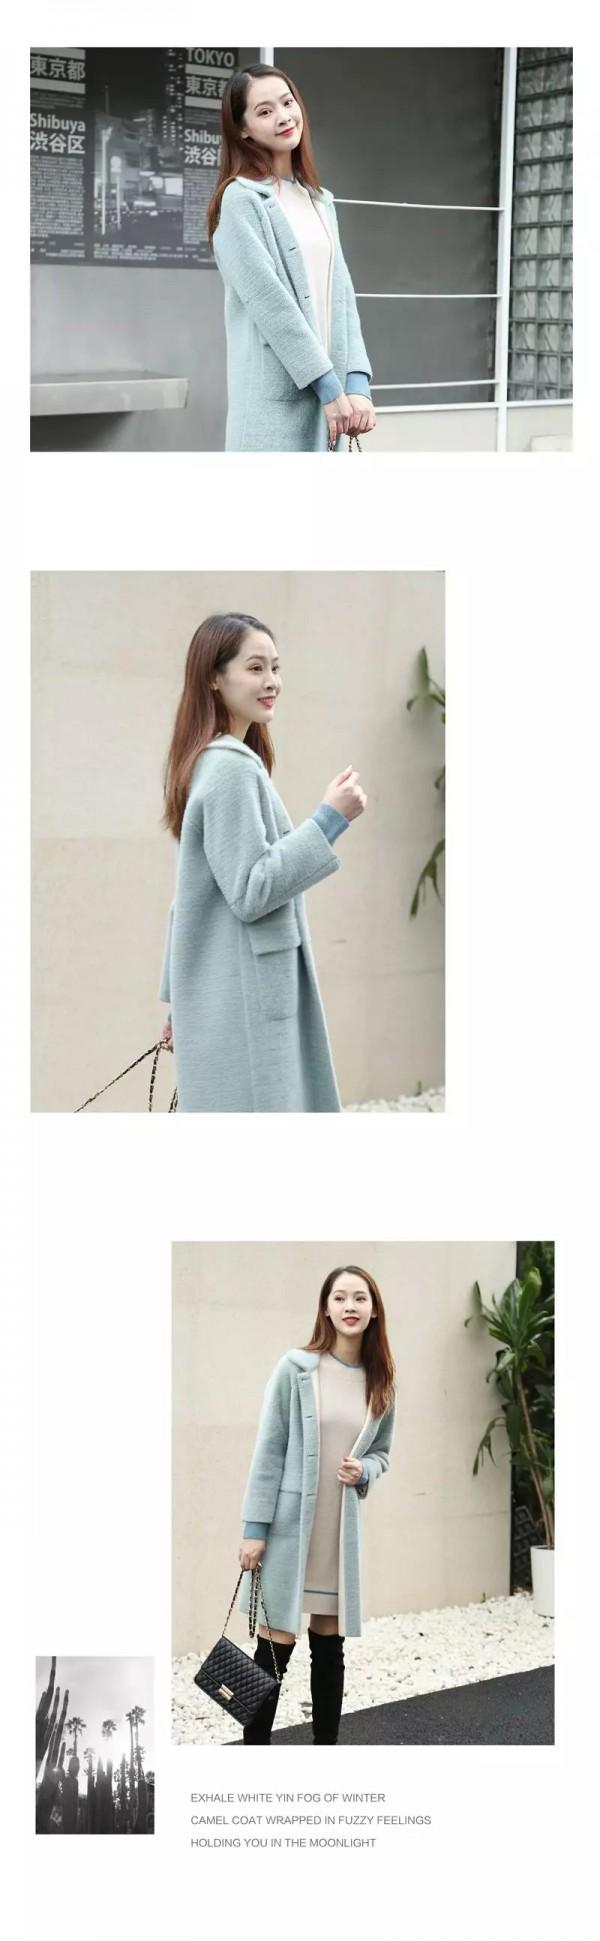 丝雨桐冬季新款 轻松掌握今年时尚动态